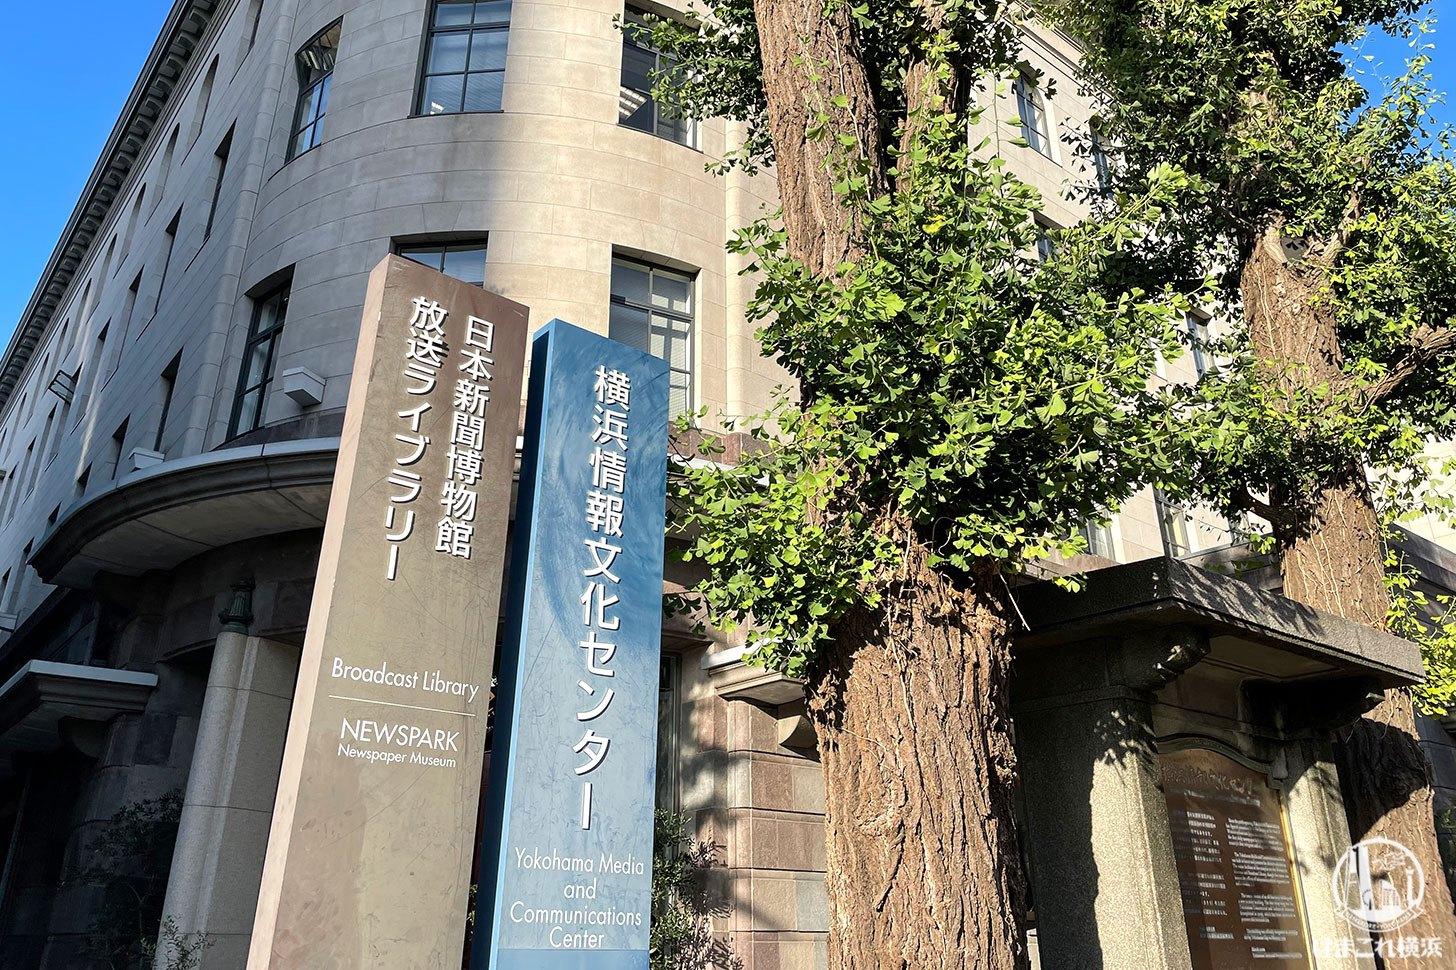 横浜ニュースパーク(日本新聞博物館)行ってきた!新聞の歴史・変遷を楽しく知れるスポット